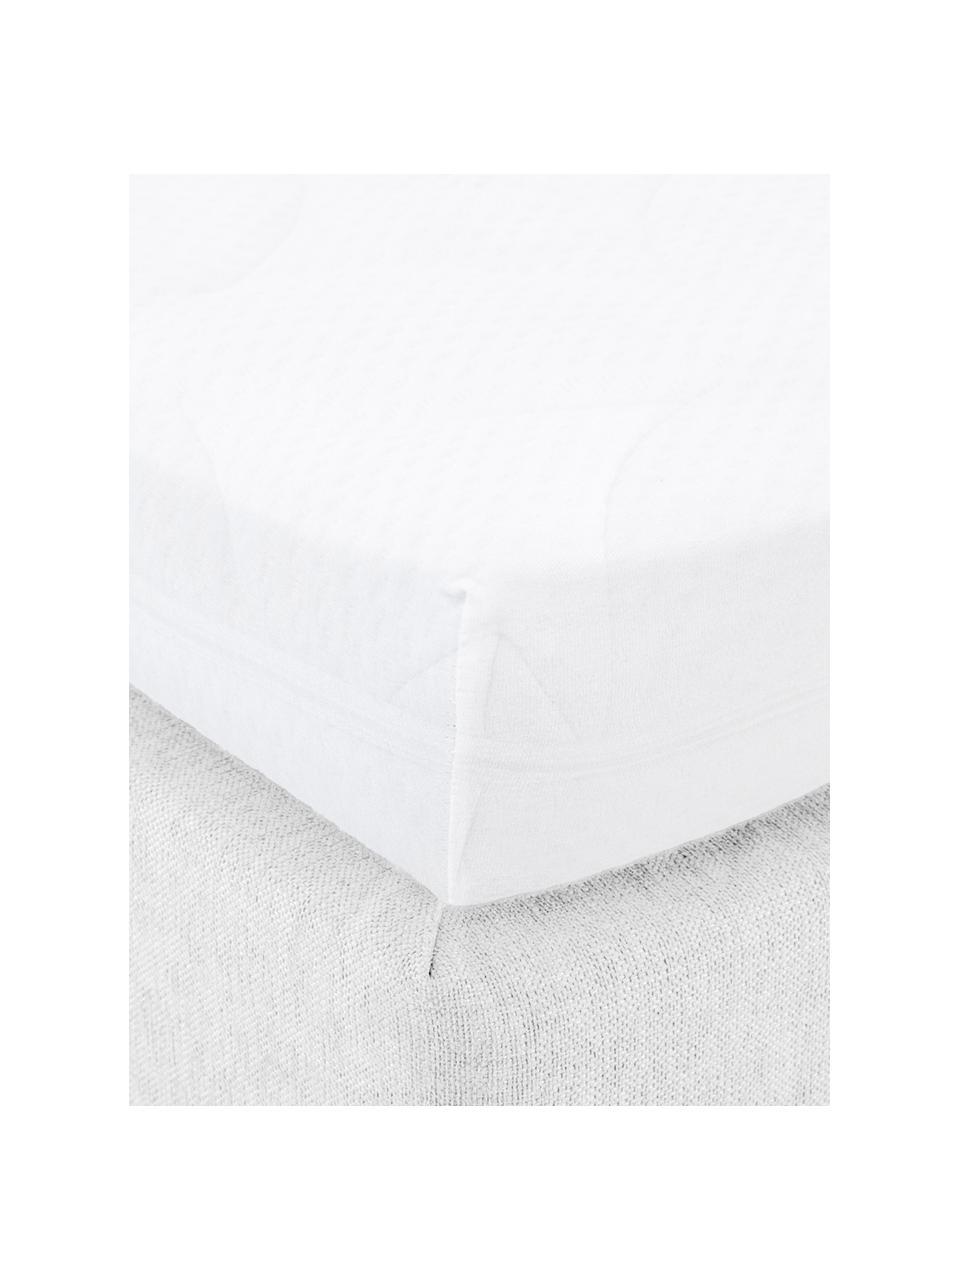 Topper hoeslaken Lara in wit, jersey-elastaan, 95% katoen, 5% elastaan, Wit, 180 x 200 cm